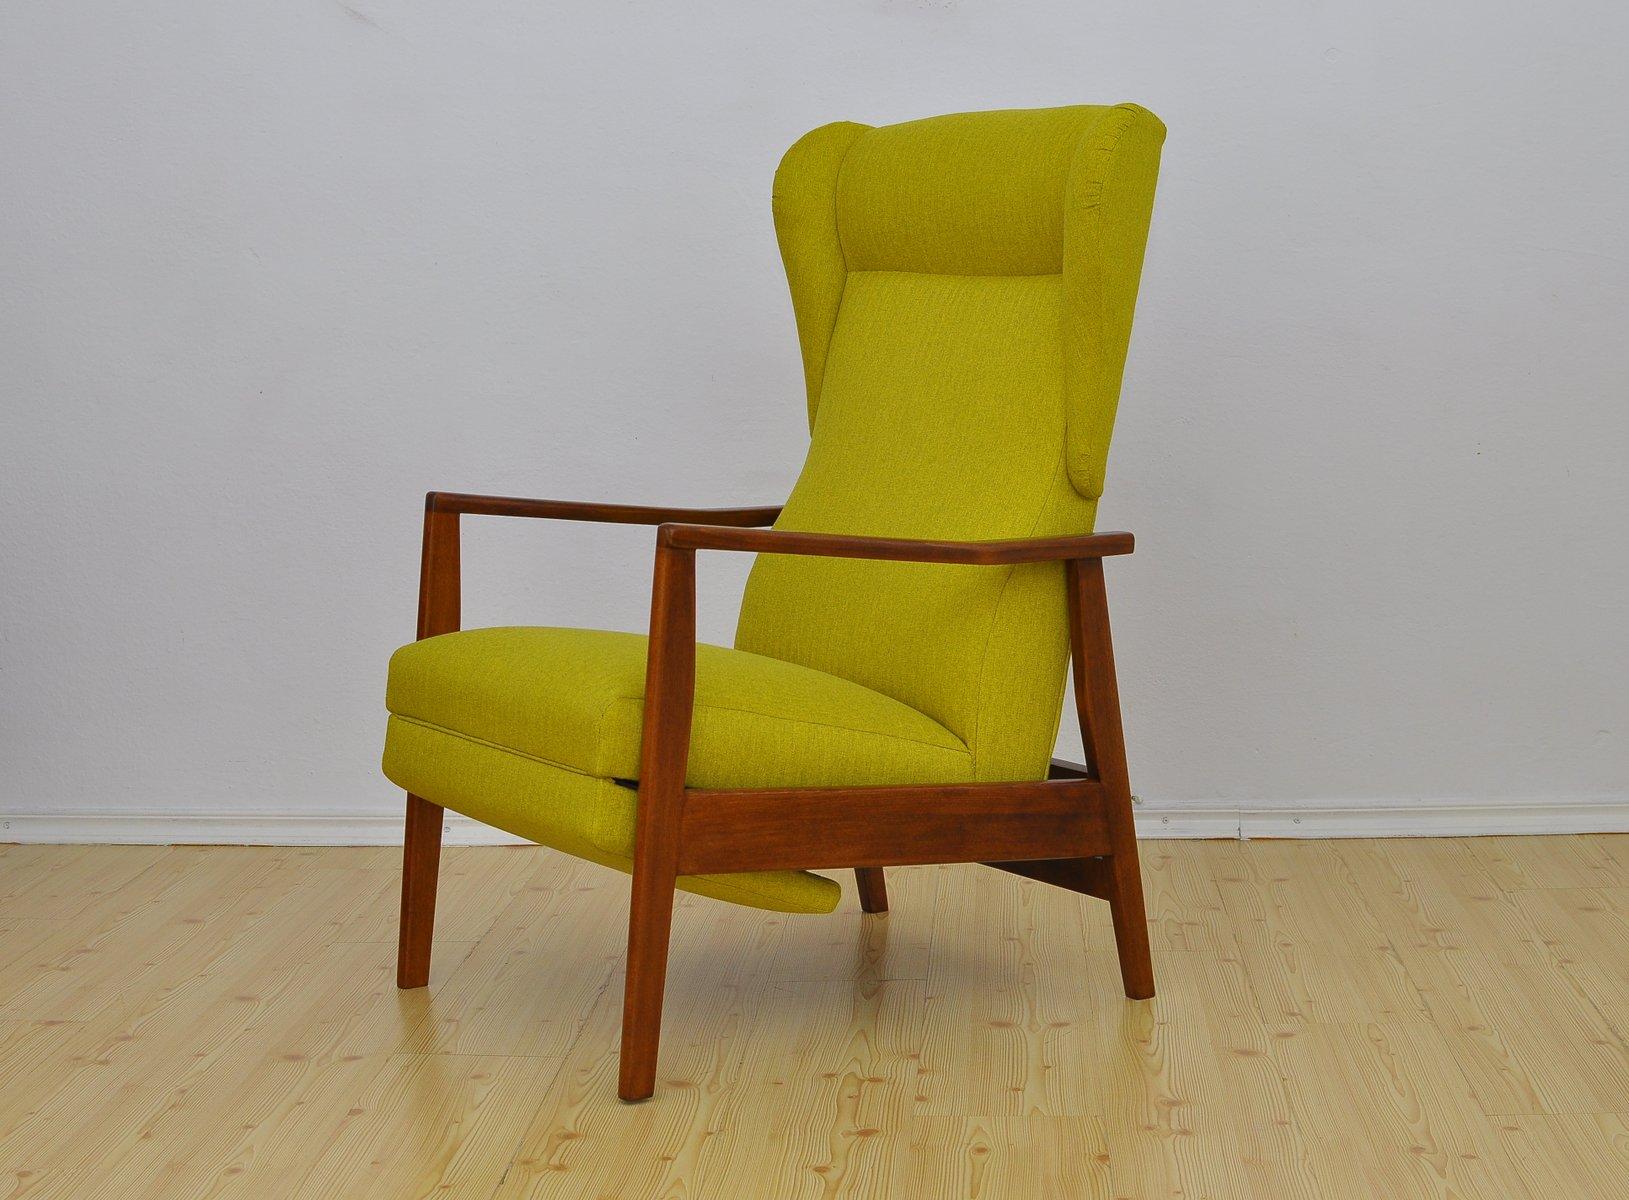 sessel mit klappbarer fu st tze 1960er bei pamono kaufen. Black Bedroom Furniture Sets. Home Design Ideas